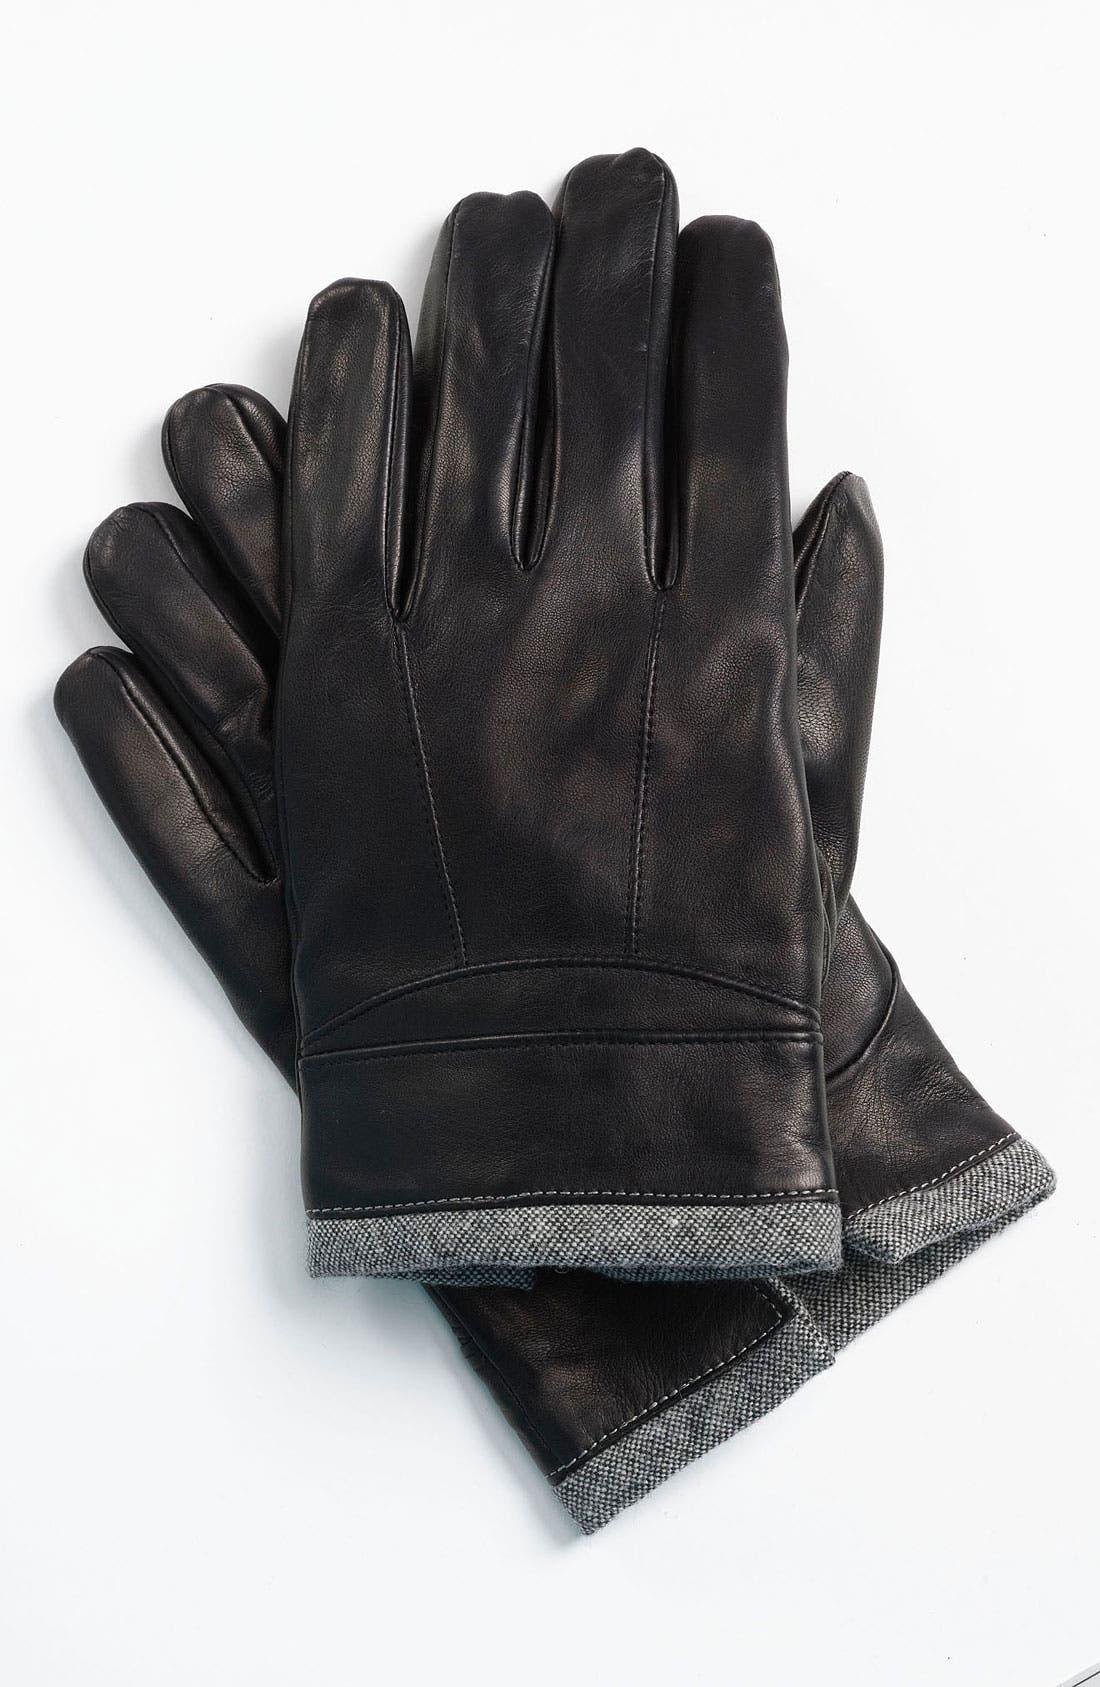 Main Image - BOSS Black 'Hentom' Leather Gloves